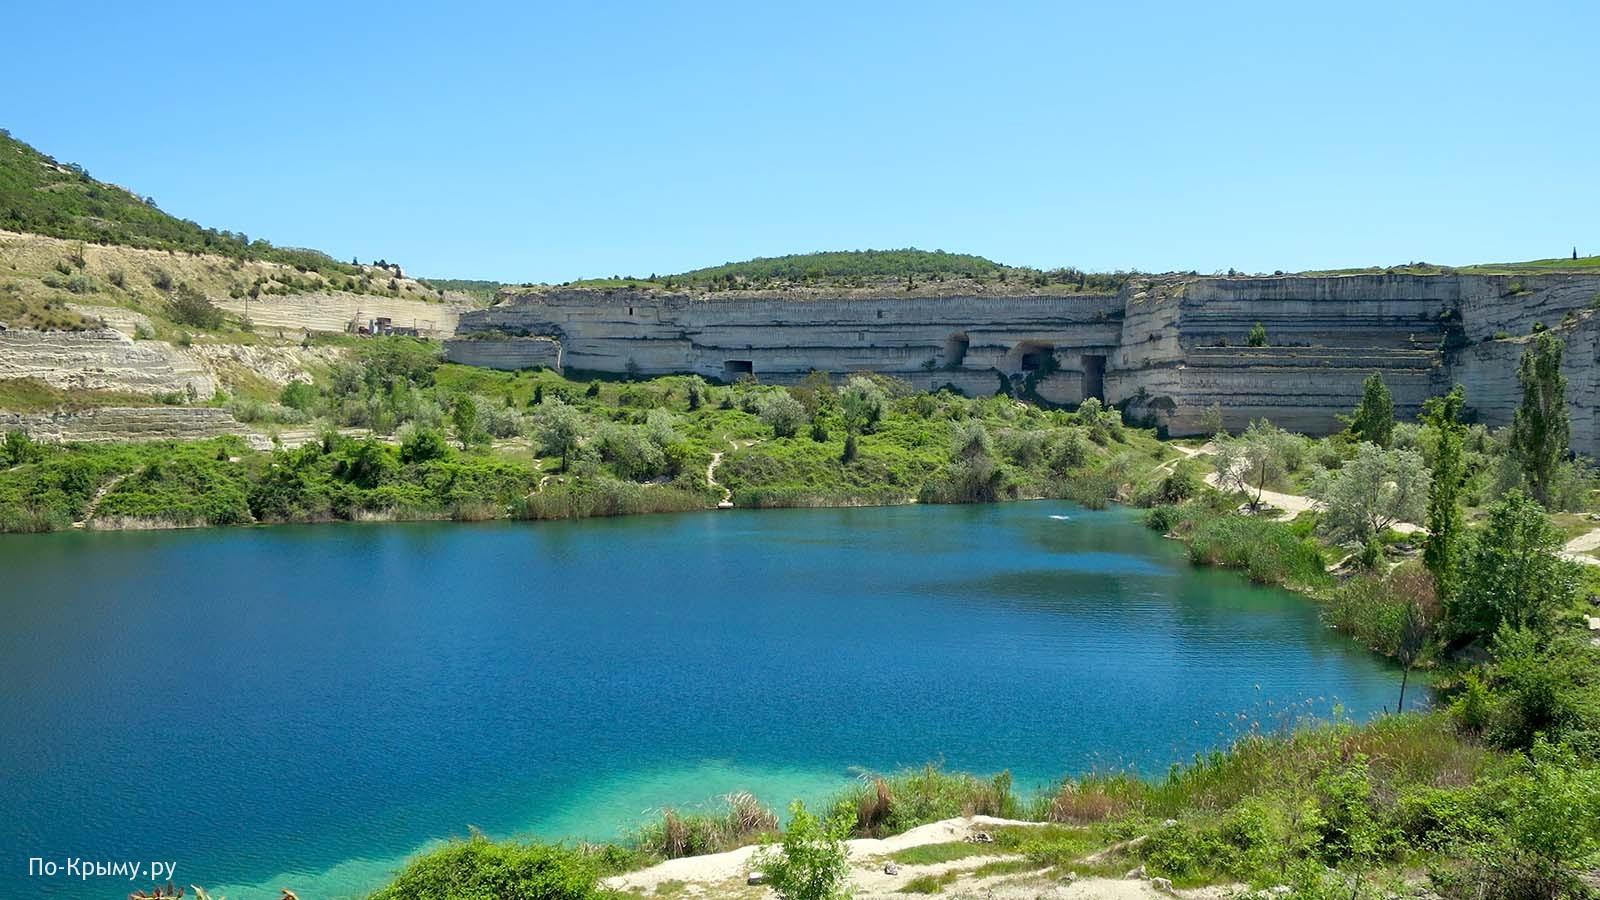 Инкерманское озеро в Крыму